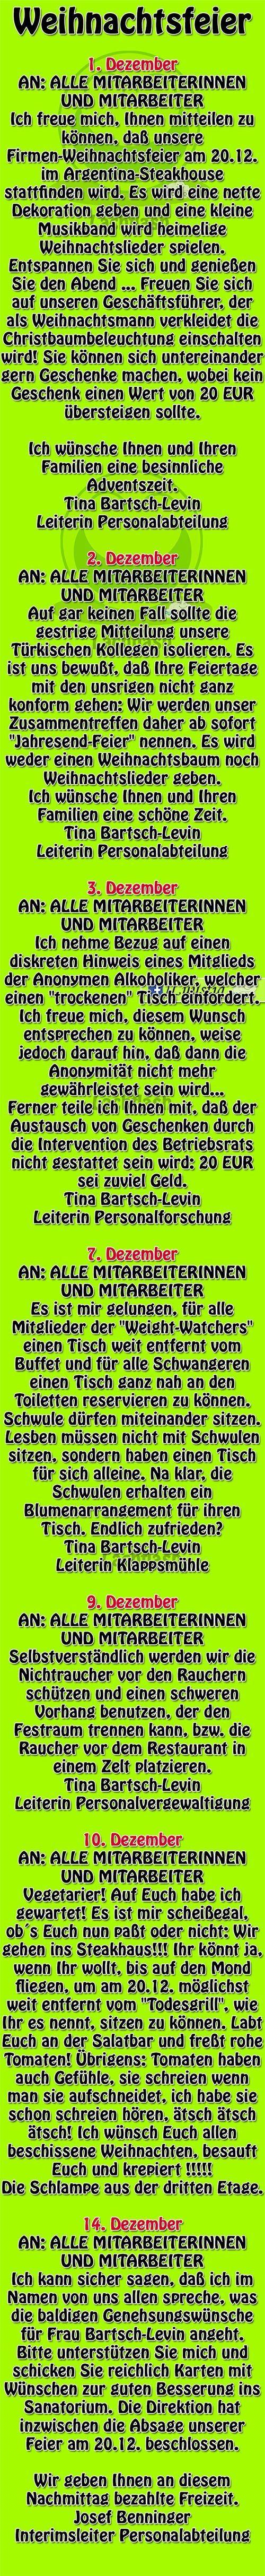 Weihnachtsgedichte Für Weihnachtsfeier.Weihnachtsfeier Meine Welt Sprüche Humor Weihnachtsgedicht